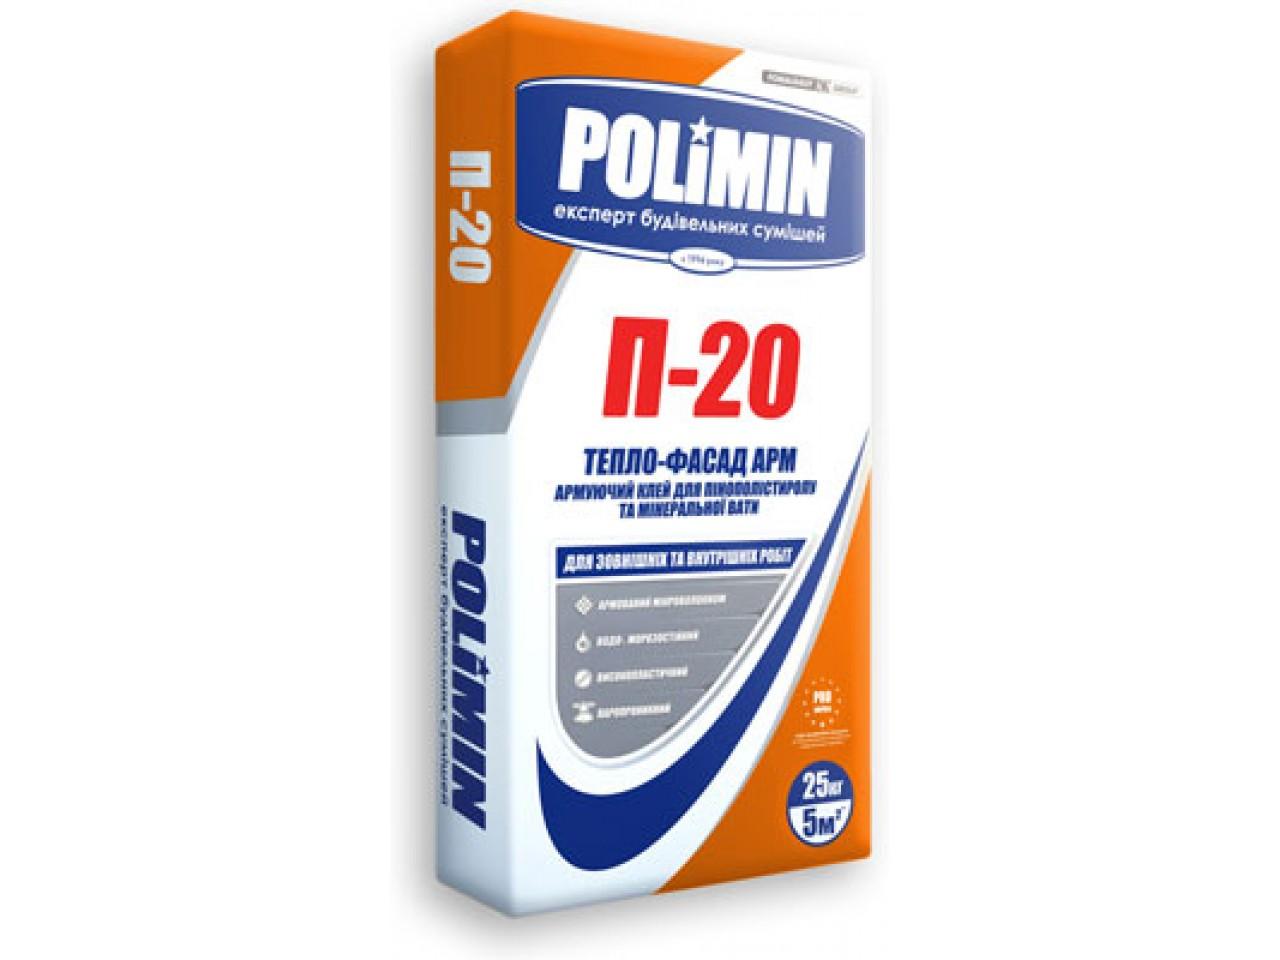 Клеящая смесь Polimin Тепло-фасад П-20 ( Polimin P-20) 25 кг (армирование)